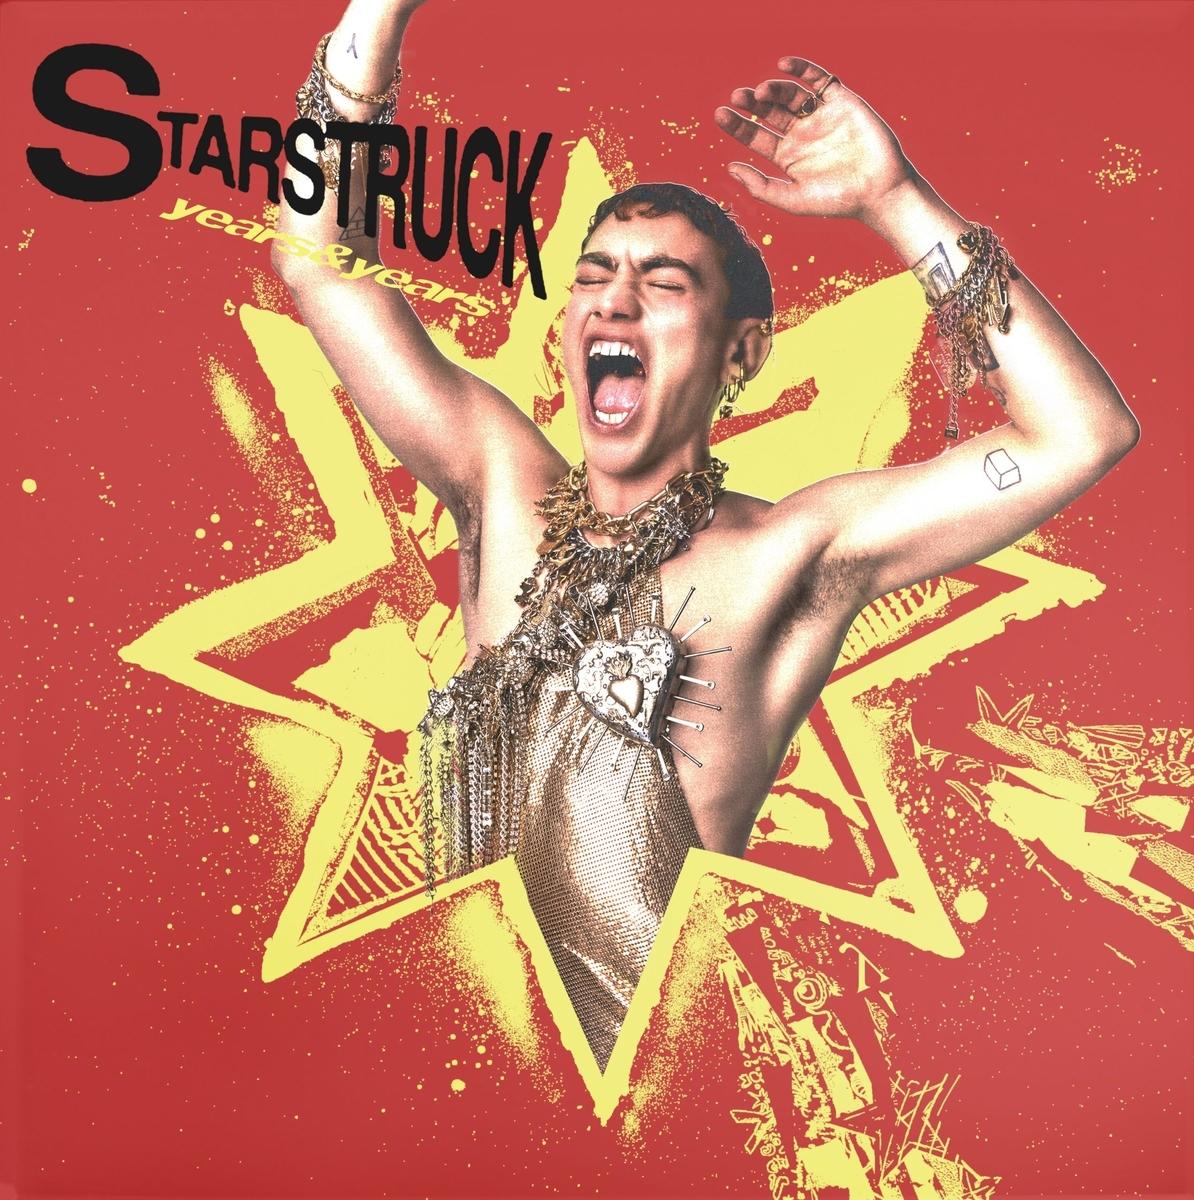 【歌詞和訳】Starstruck - Years & Years:イヤーズ・イヤーズ